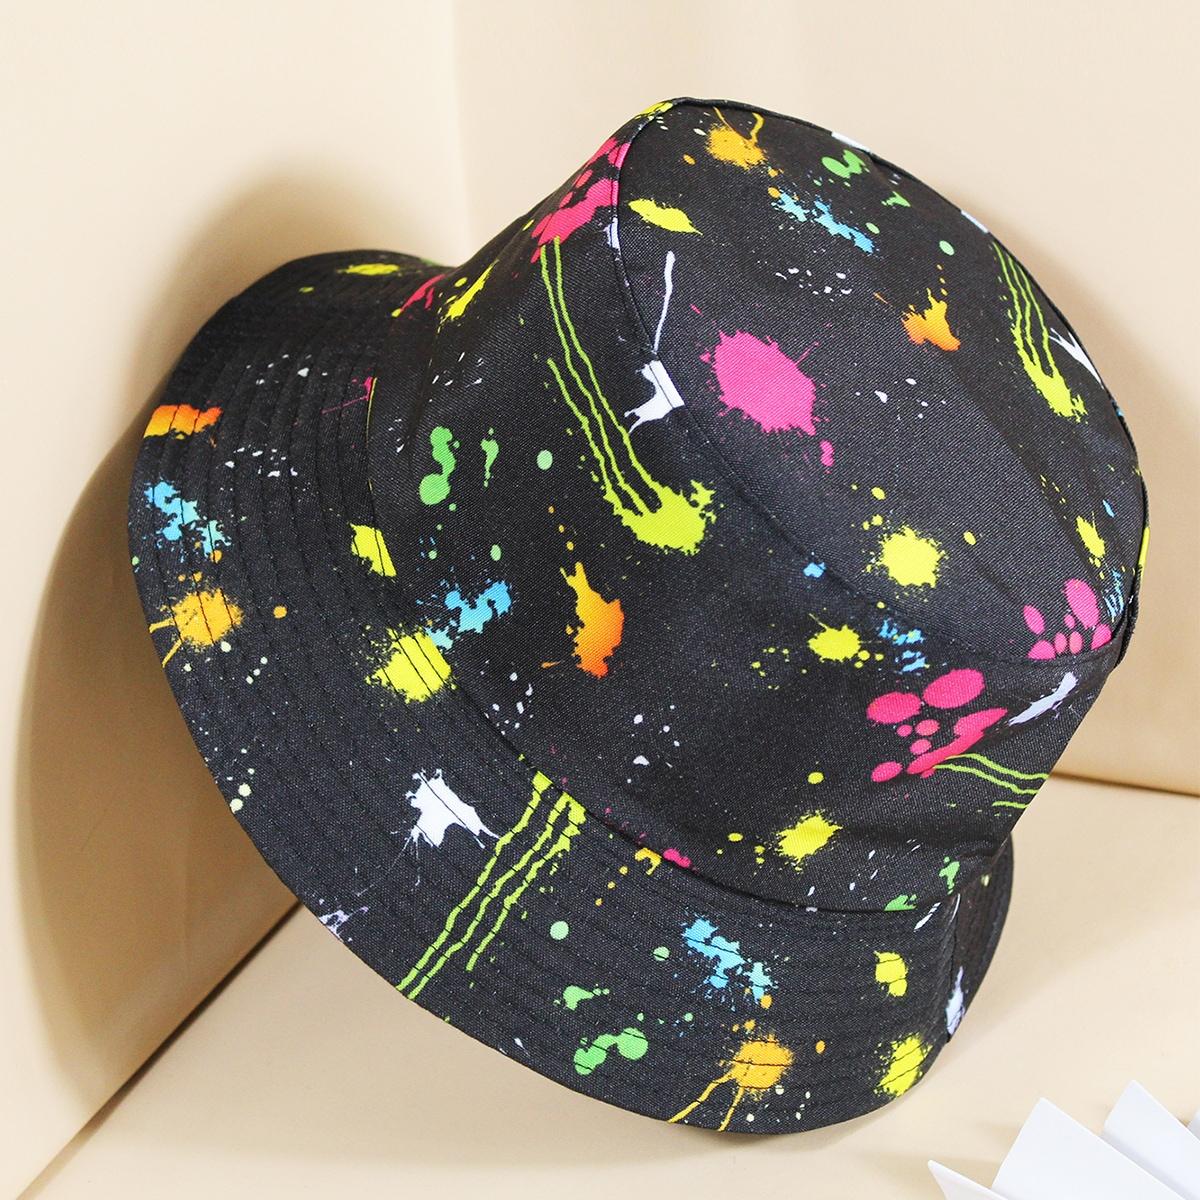 Двусторонняя шляпа с разноцветным принтом